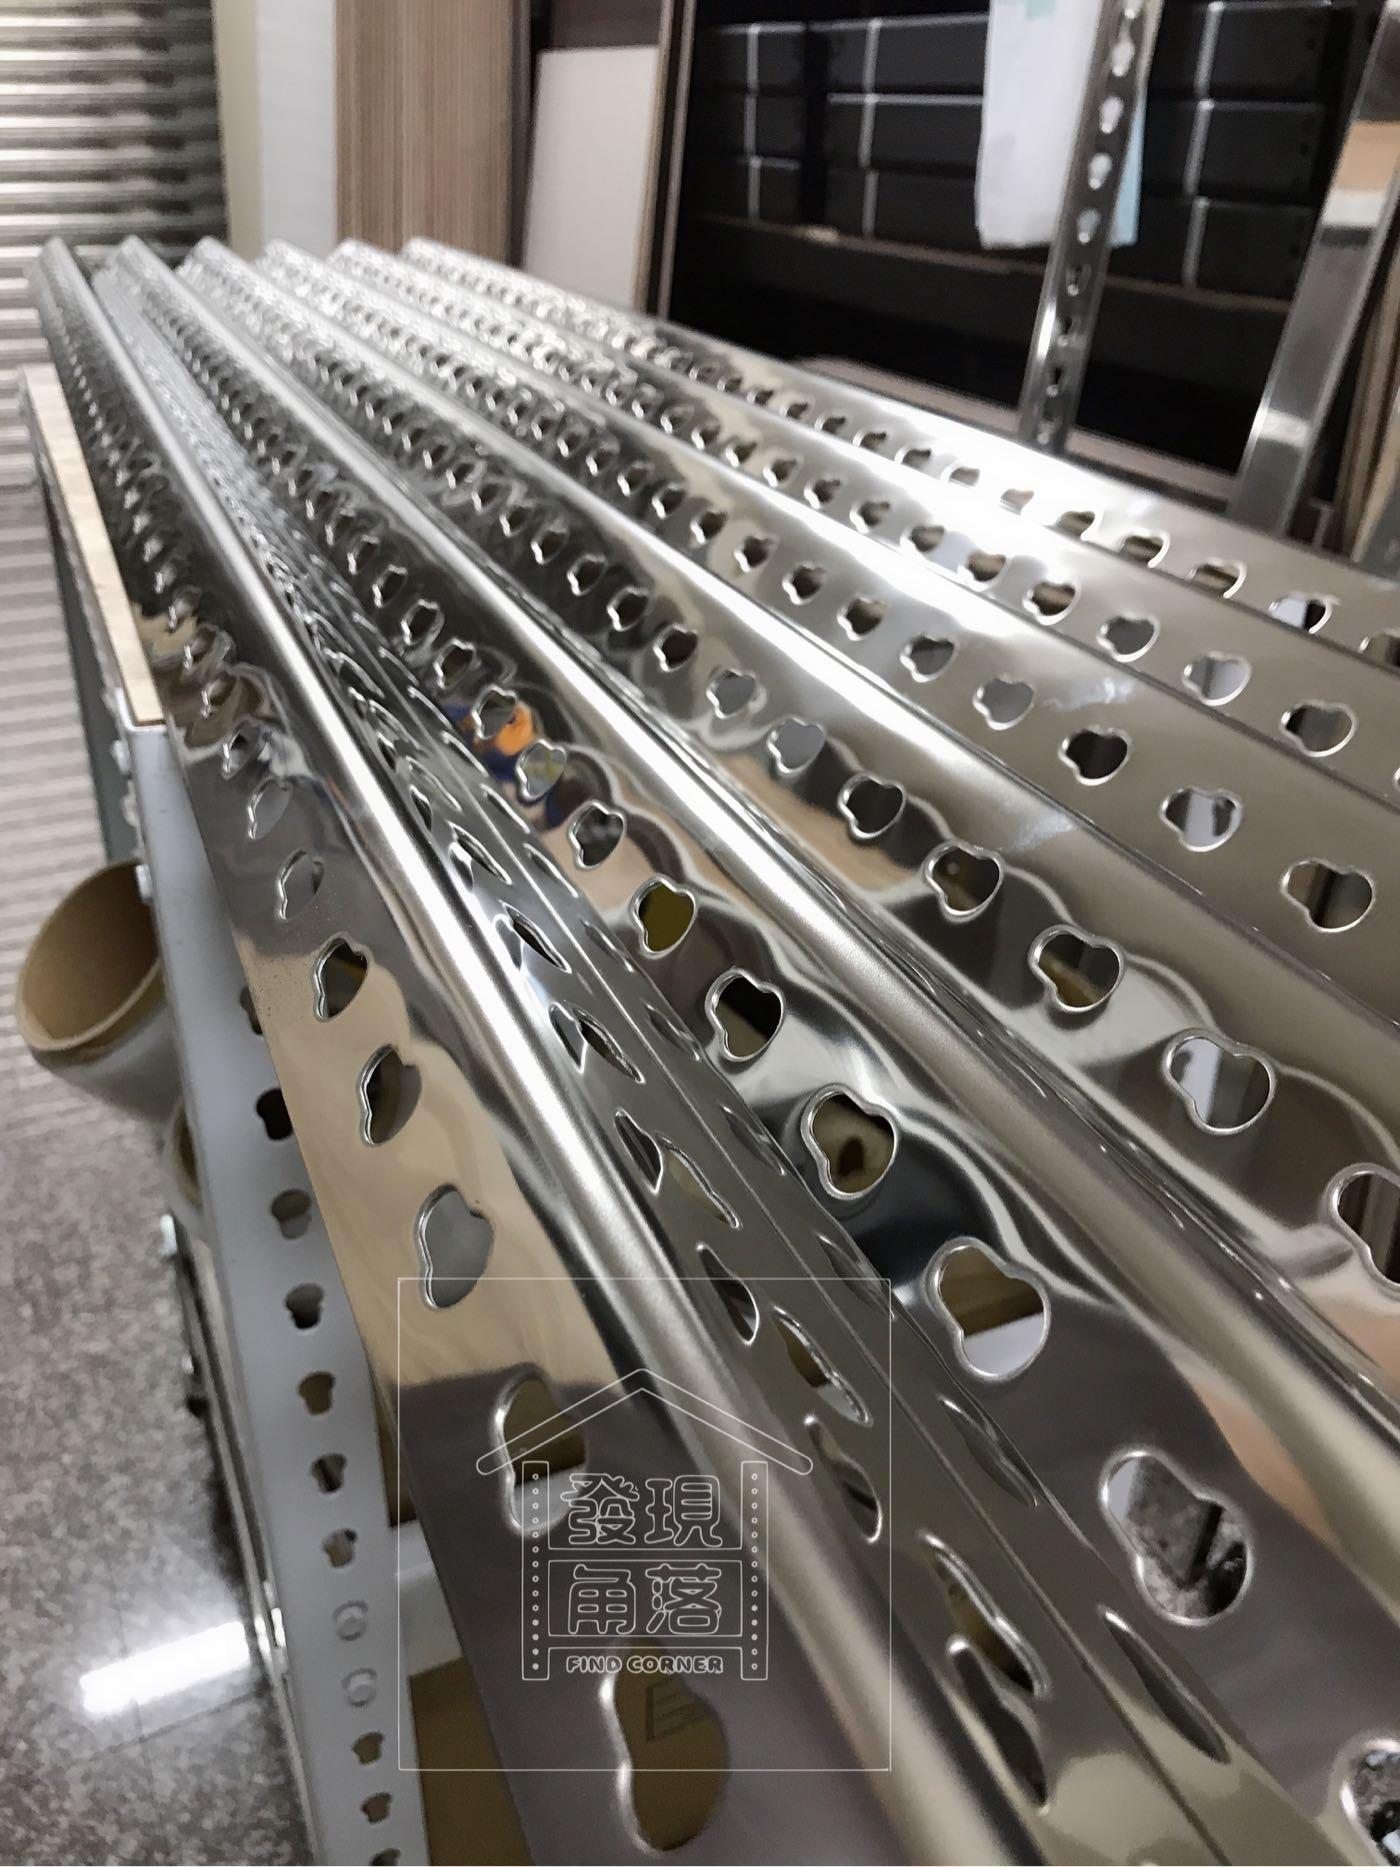 304不銹鋼免螺絲角鋼 台北角鋼 桃園角鋼 新竹角鋼 台中角鋼 彰化角鋼 高雄角鋼《發現角落》免螺絲角鋼